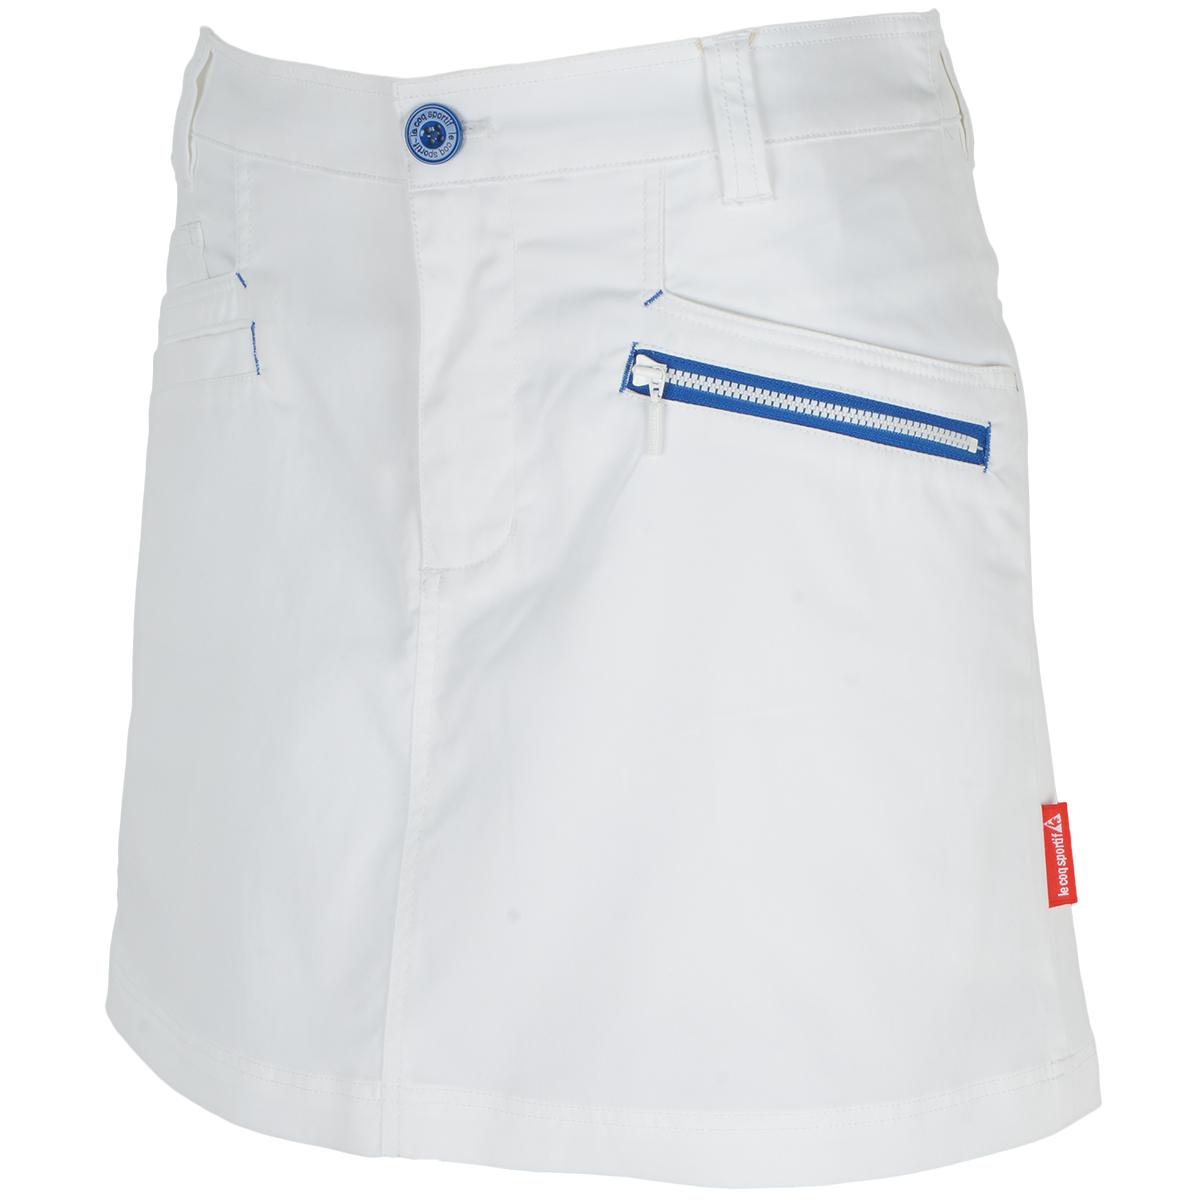 GDO限定ゴルファーズポケットスカートレディス